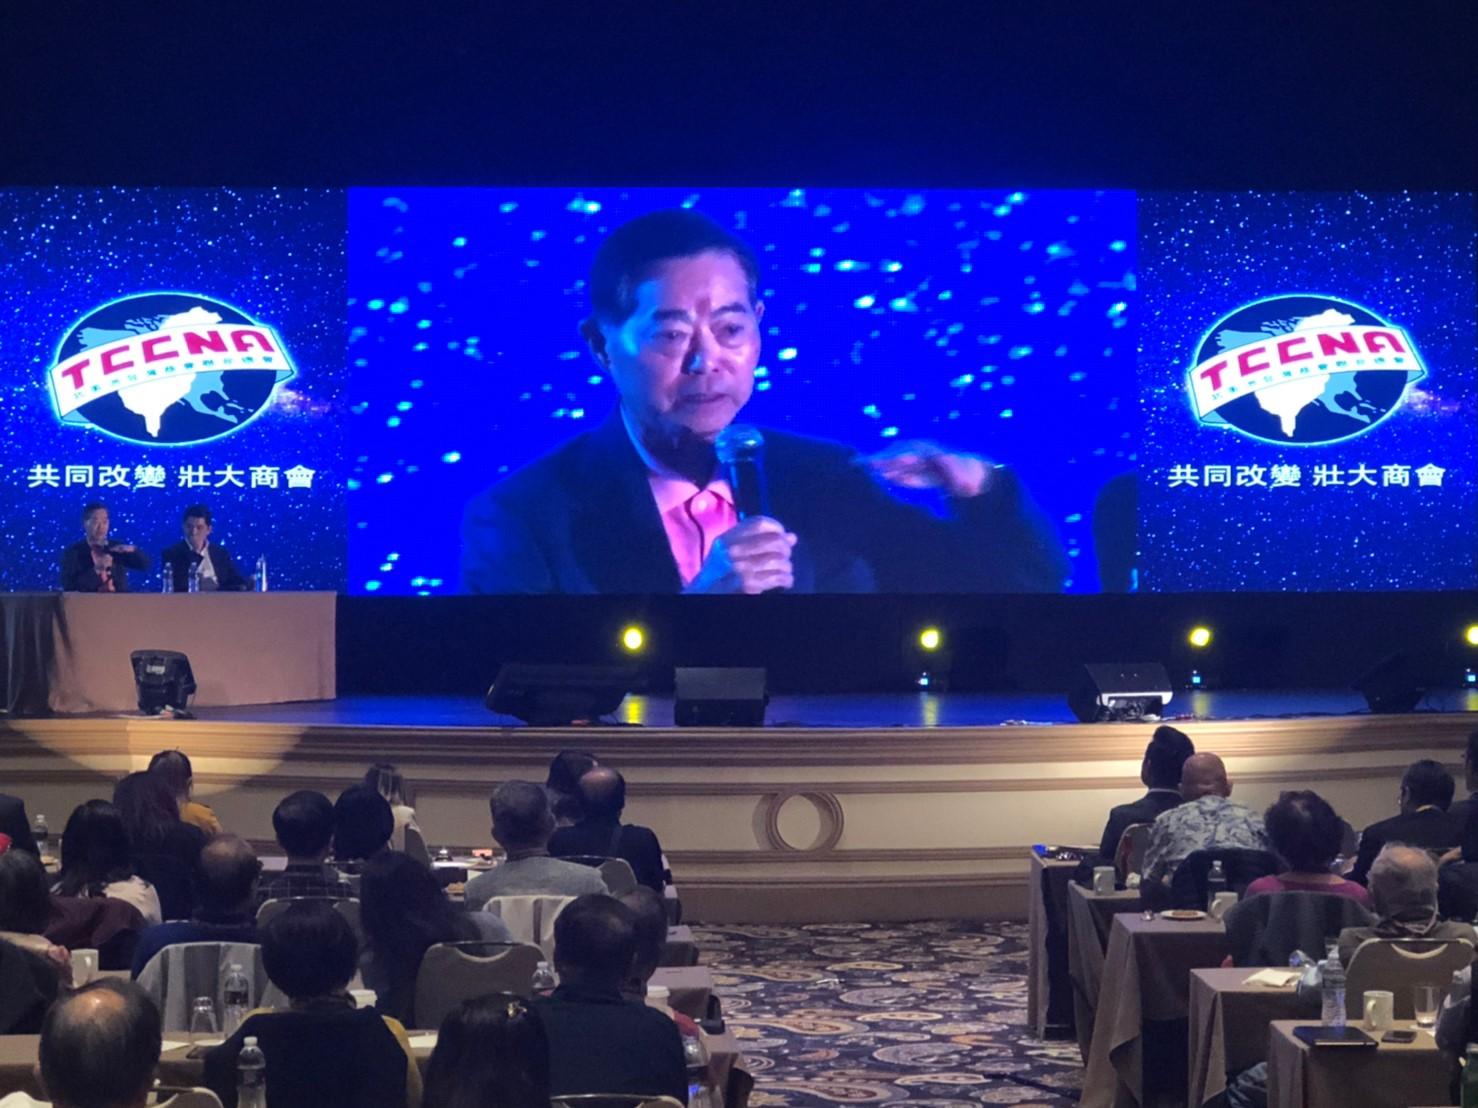 中華民國的行政院政務顧問 楊信 Jackson Yang